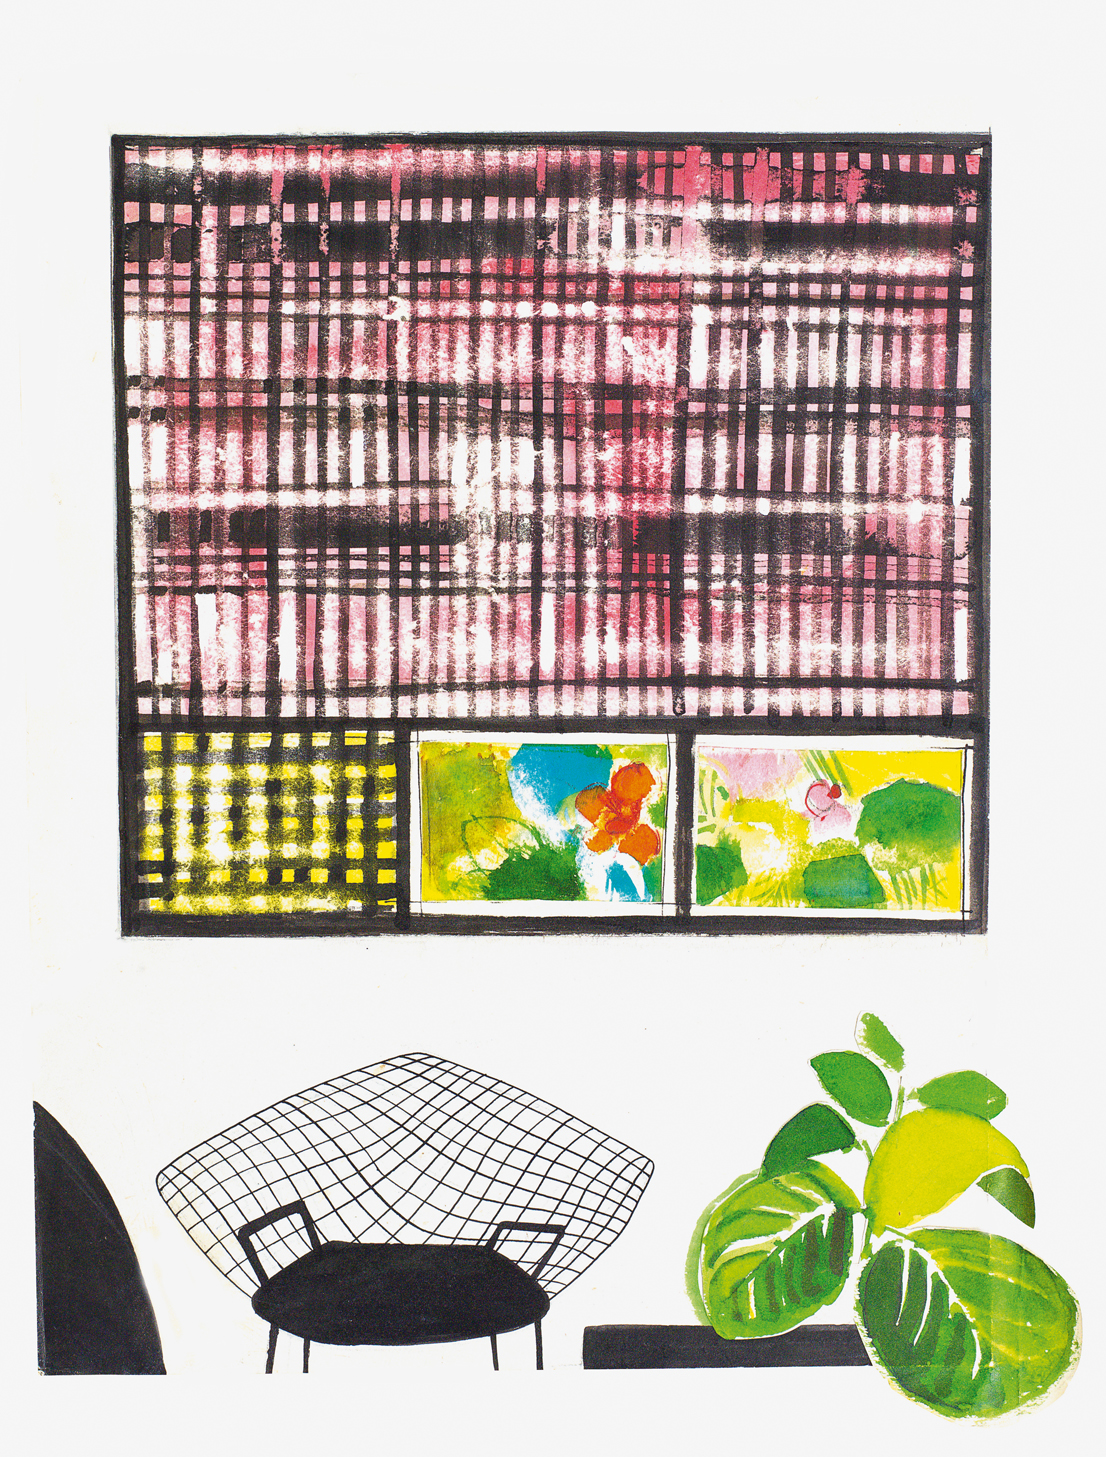 Studio per un appartamento con dipinti di Capogrossi, 1957. Courtesy Archivio Ettore Sottsass.